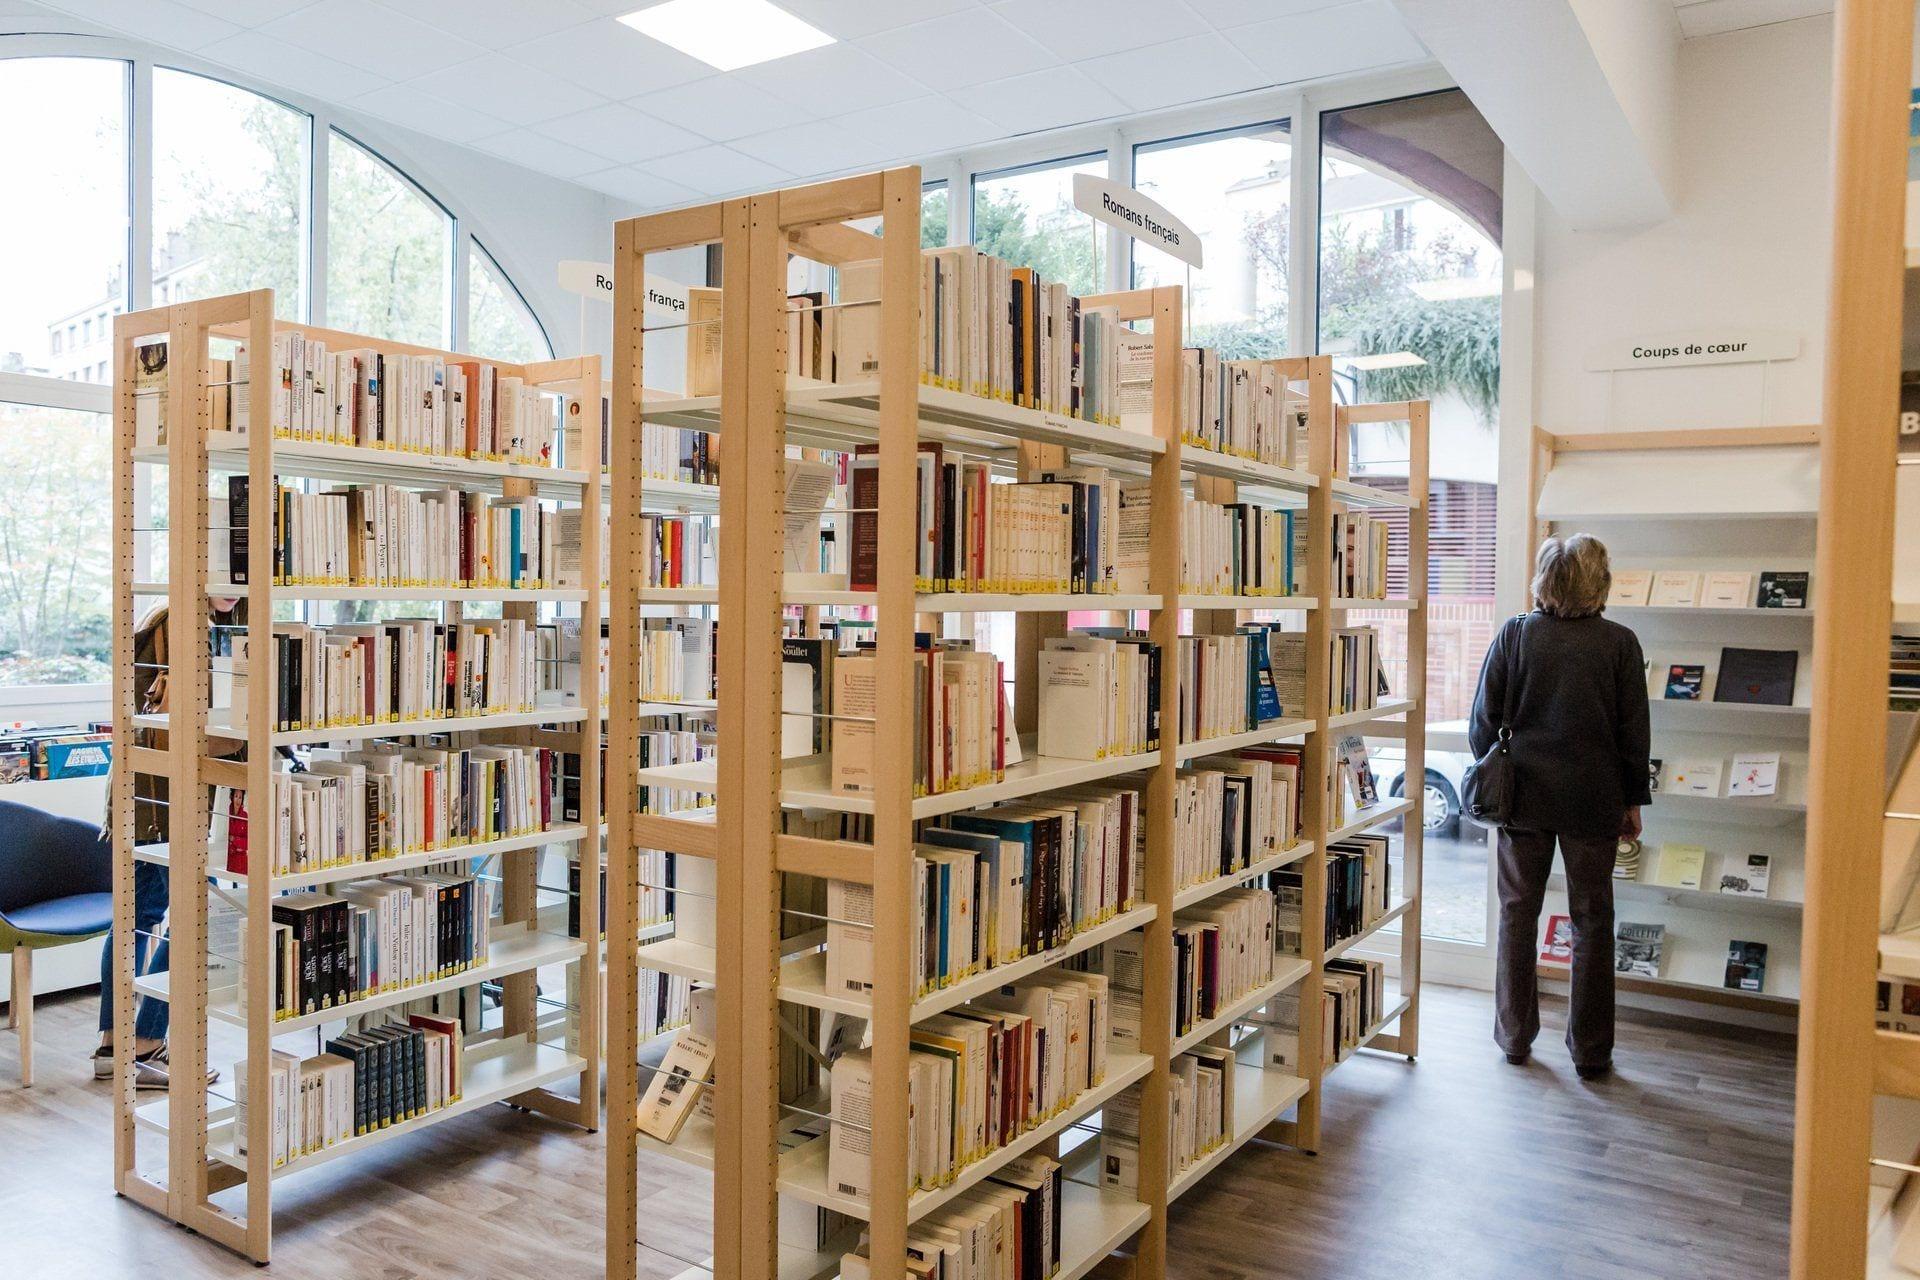 Médiathèques et bibliothèques